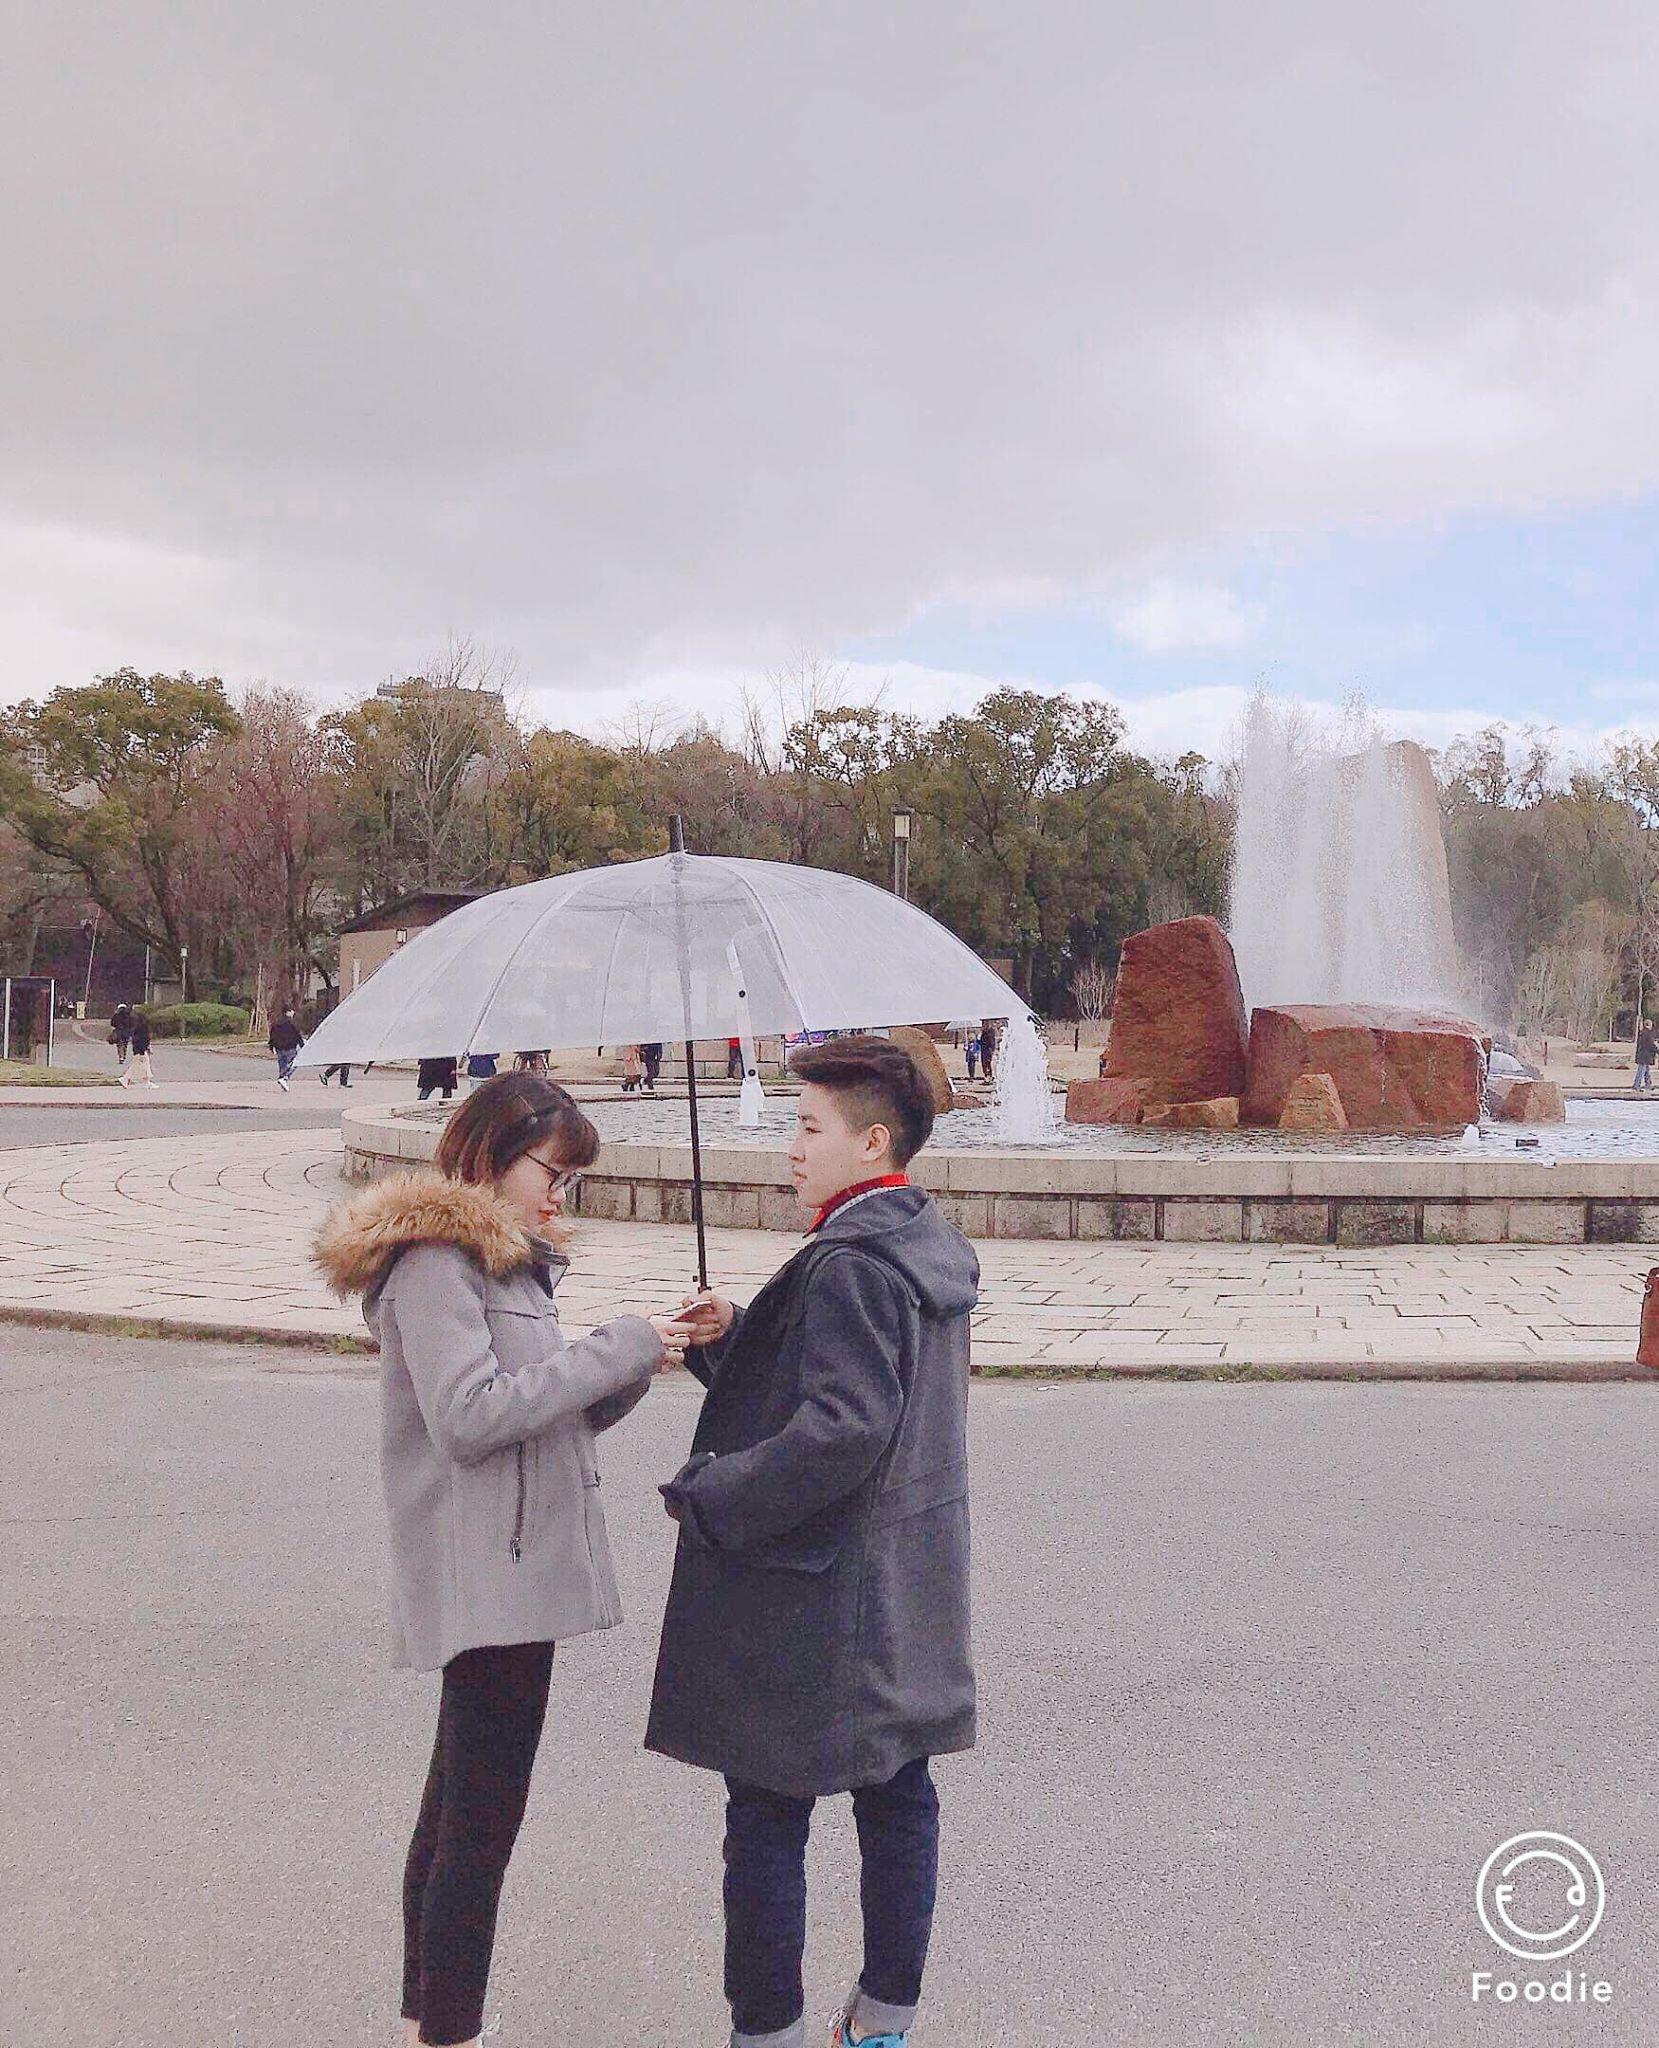 Chuyện tình của cặp đồng tính nữ người Việt tại Nhật: Tình duyên đã đưa chúng tôi đến với nhau ở đất khách - Ảnh 3.